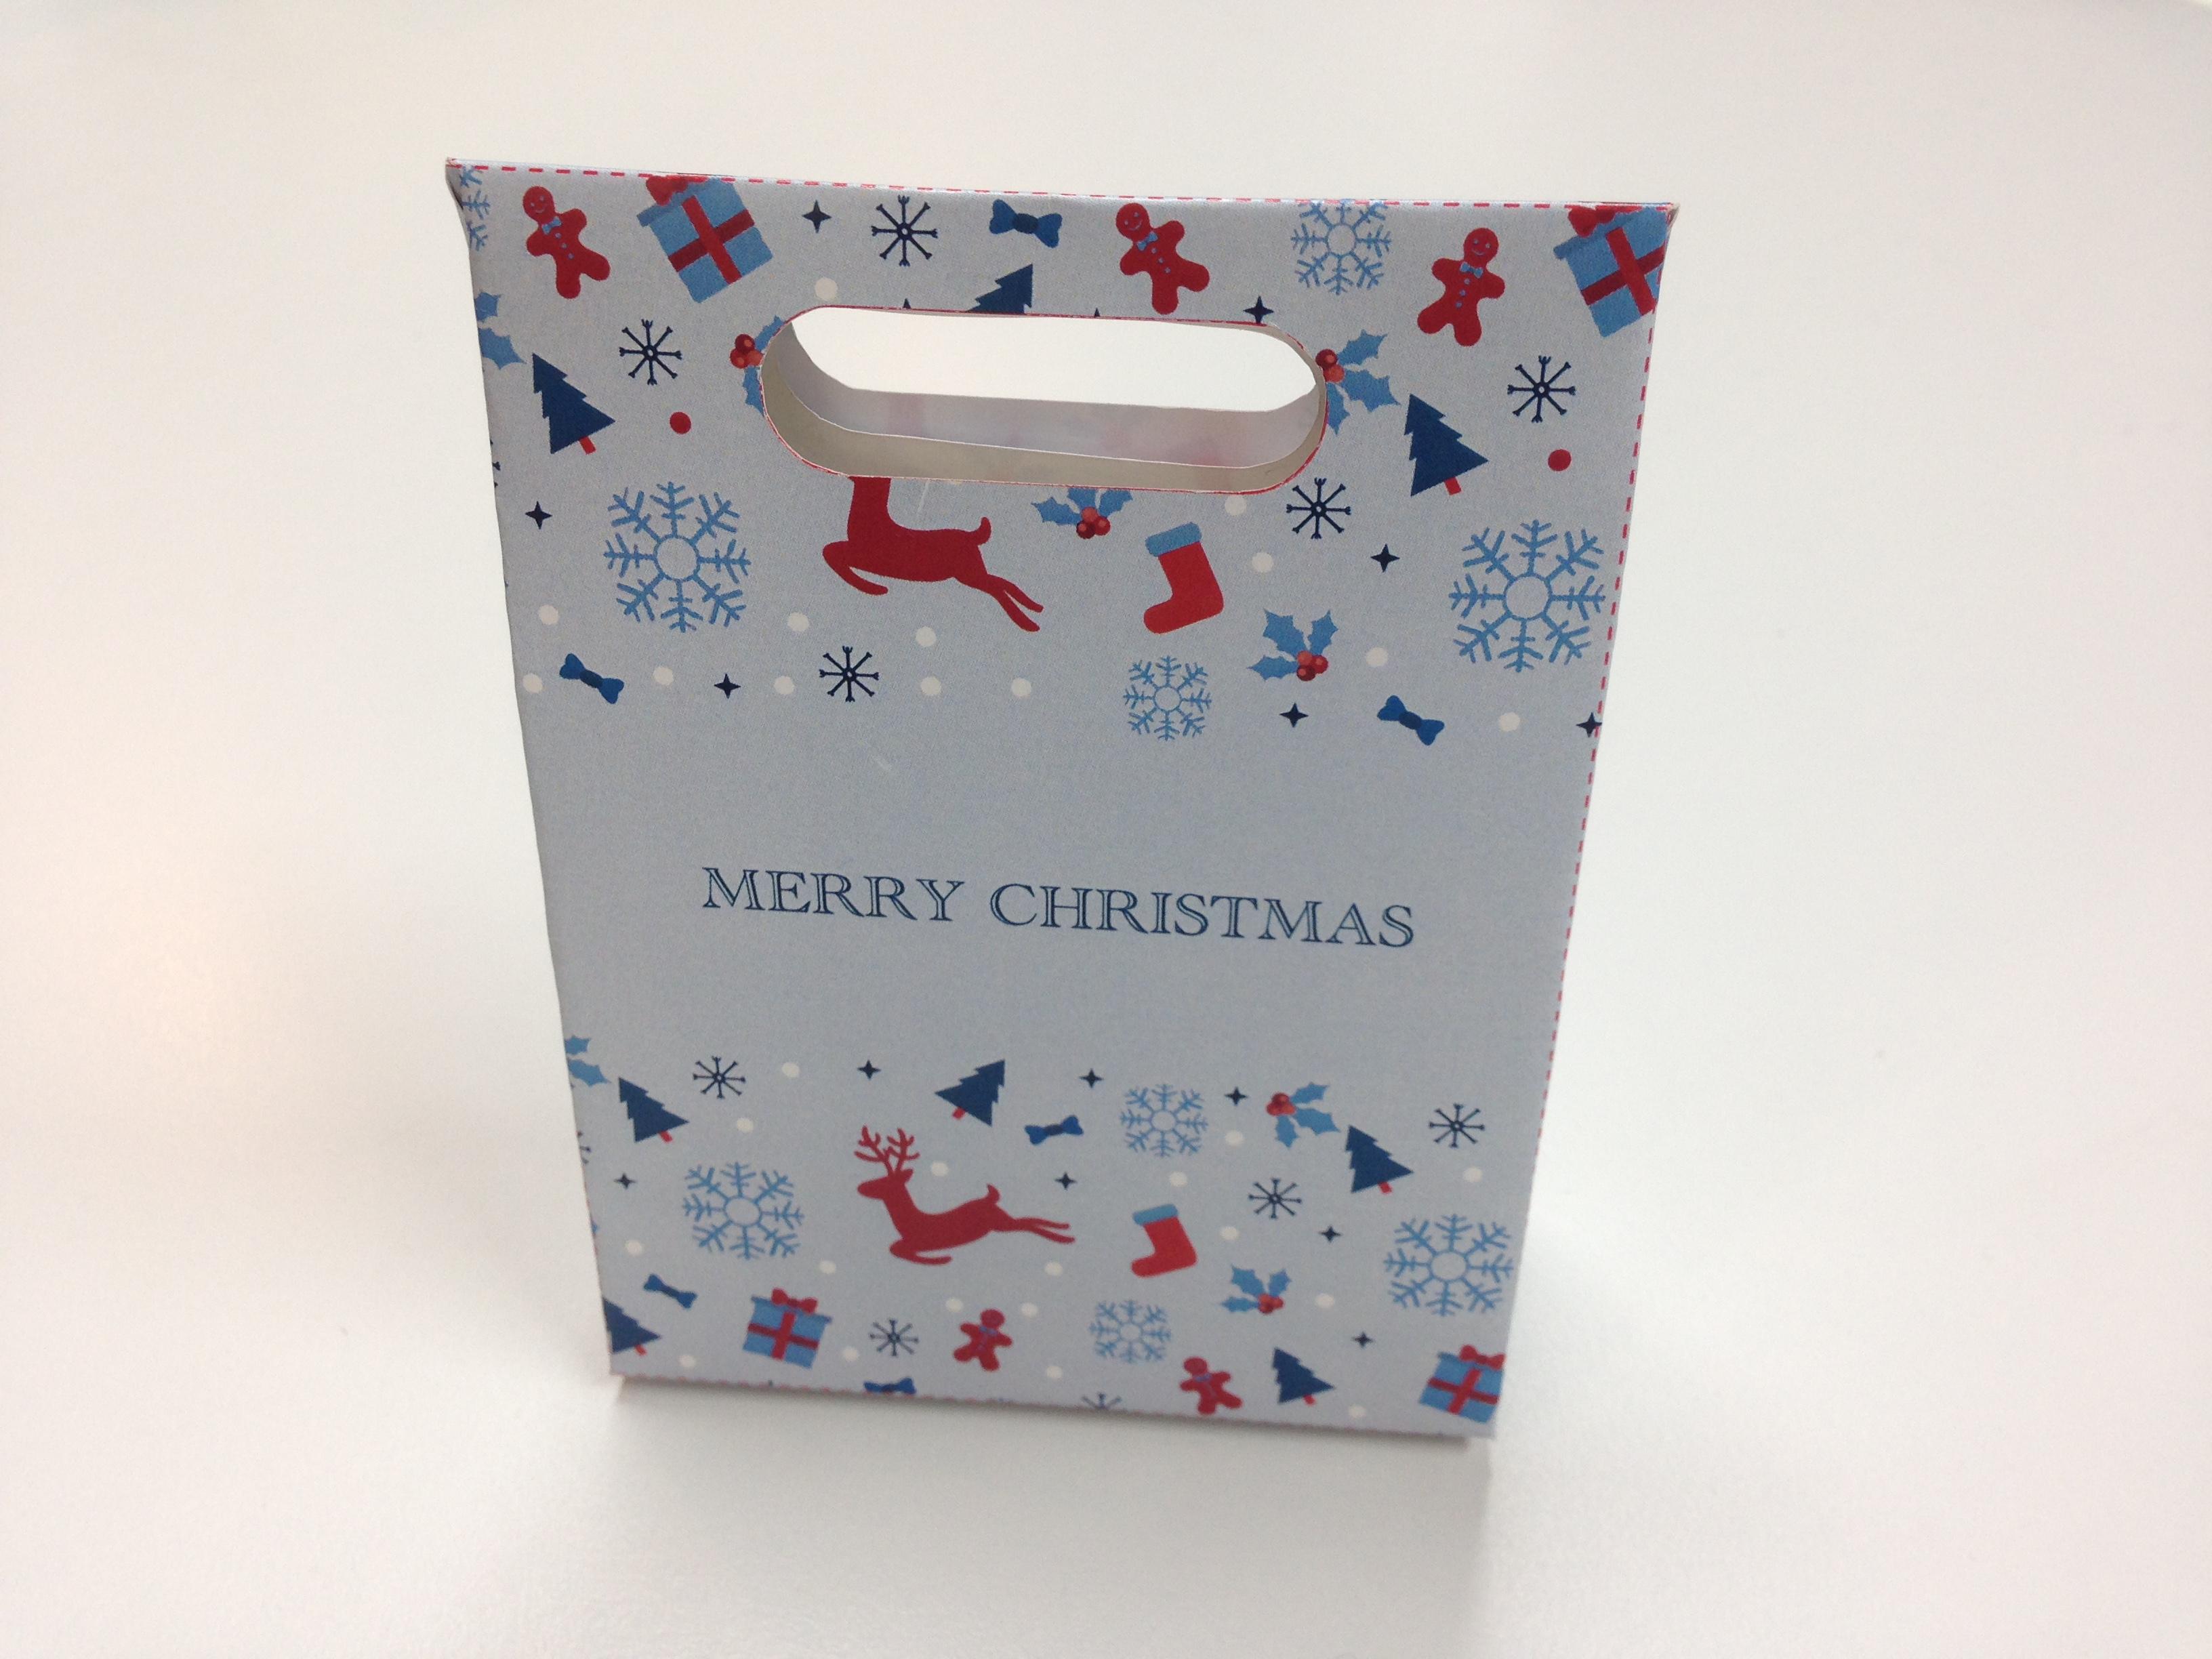 オリジナルクリスマスギフトボックスのテンプレート素材2